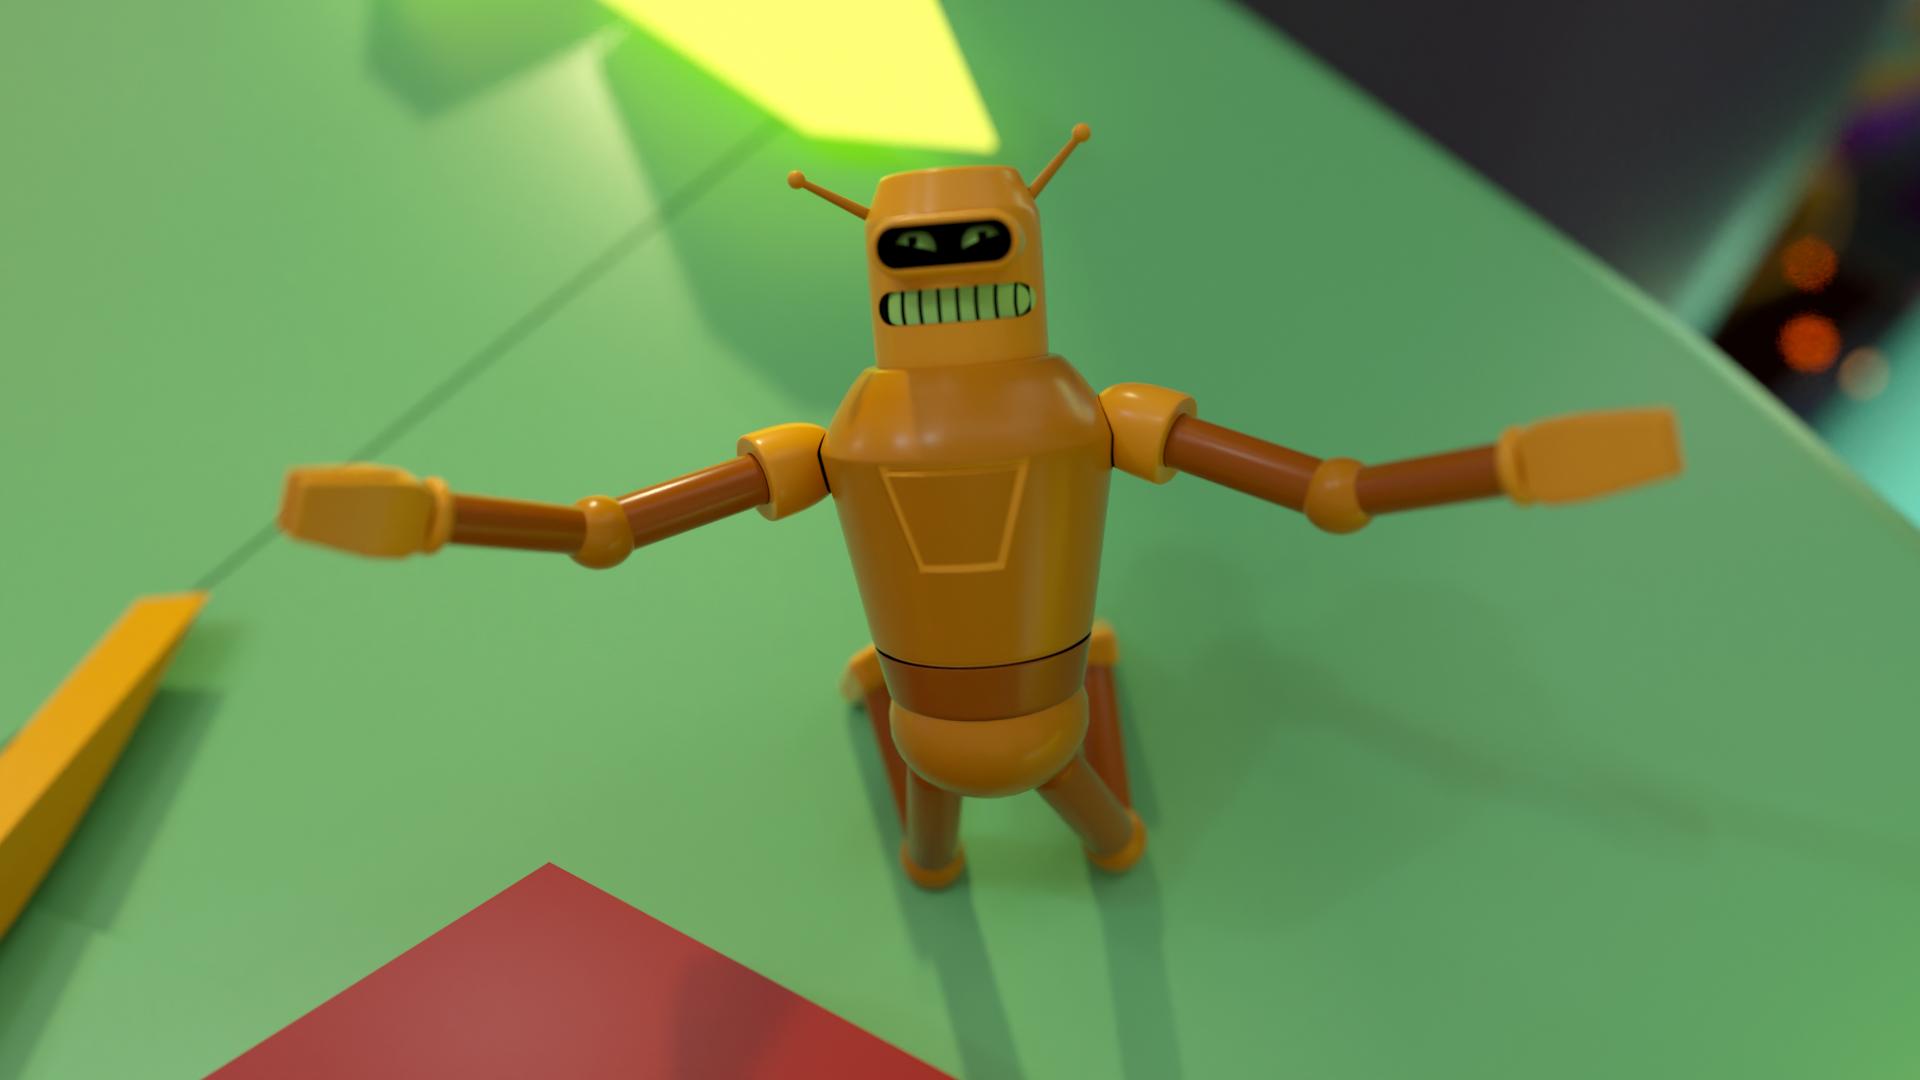 Bender_V02 (0-00-35-22)